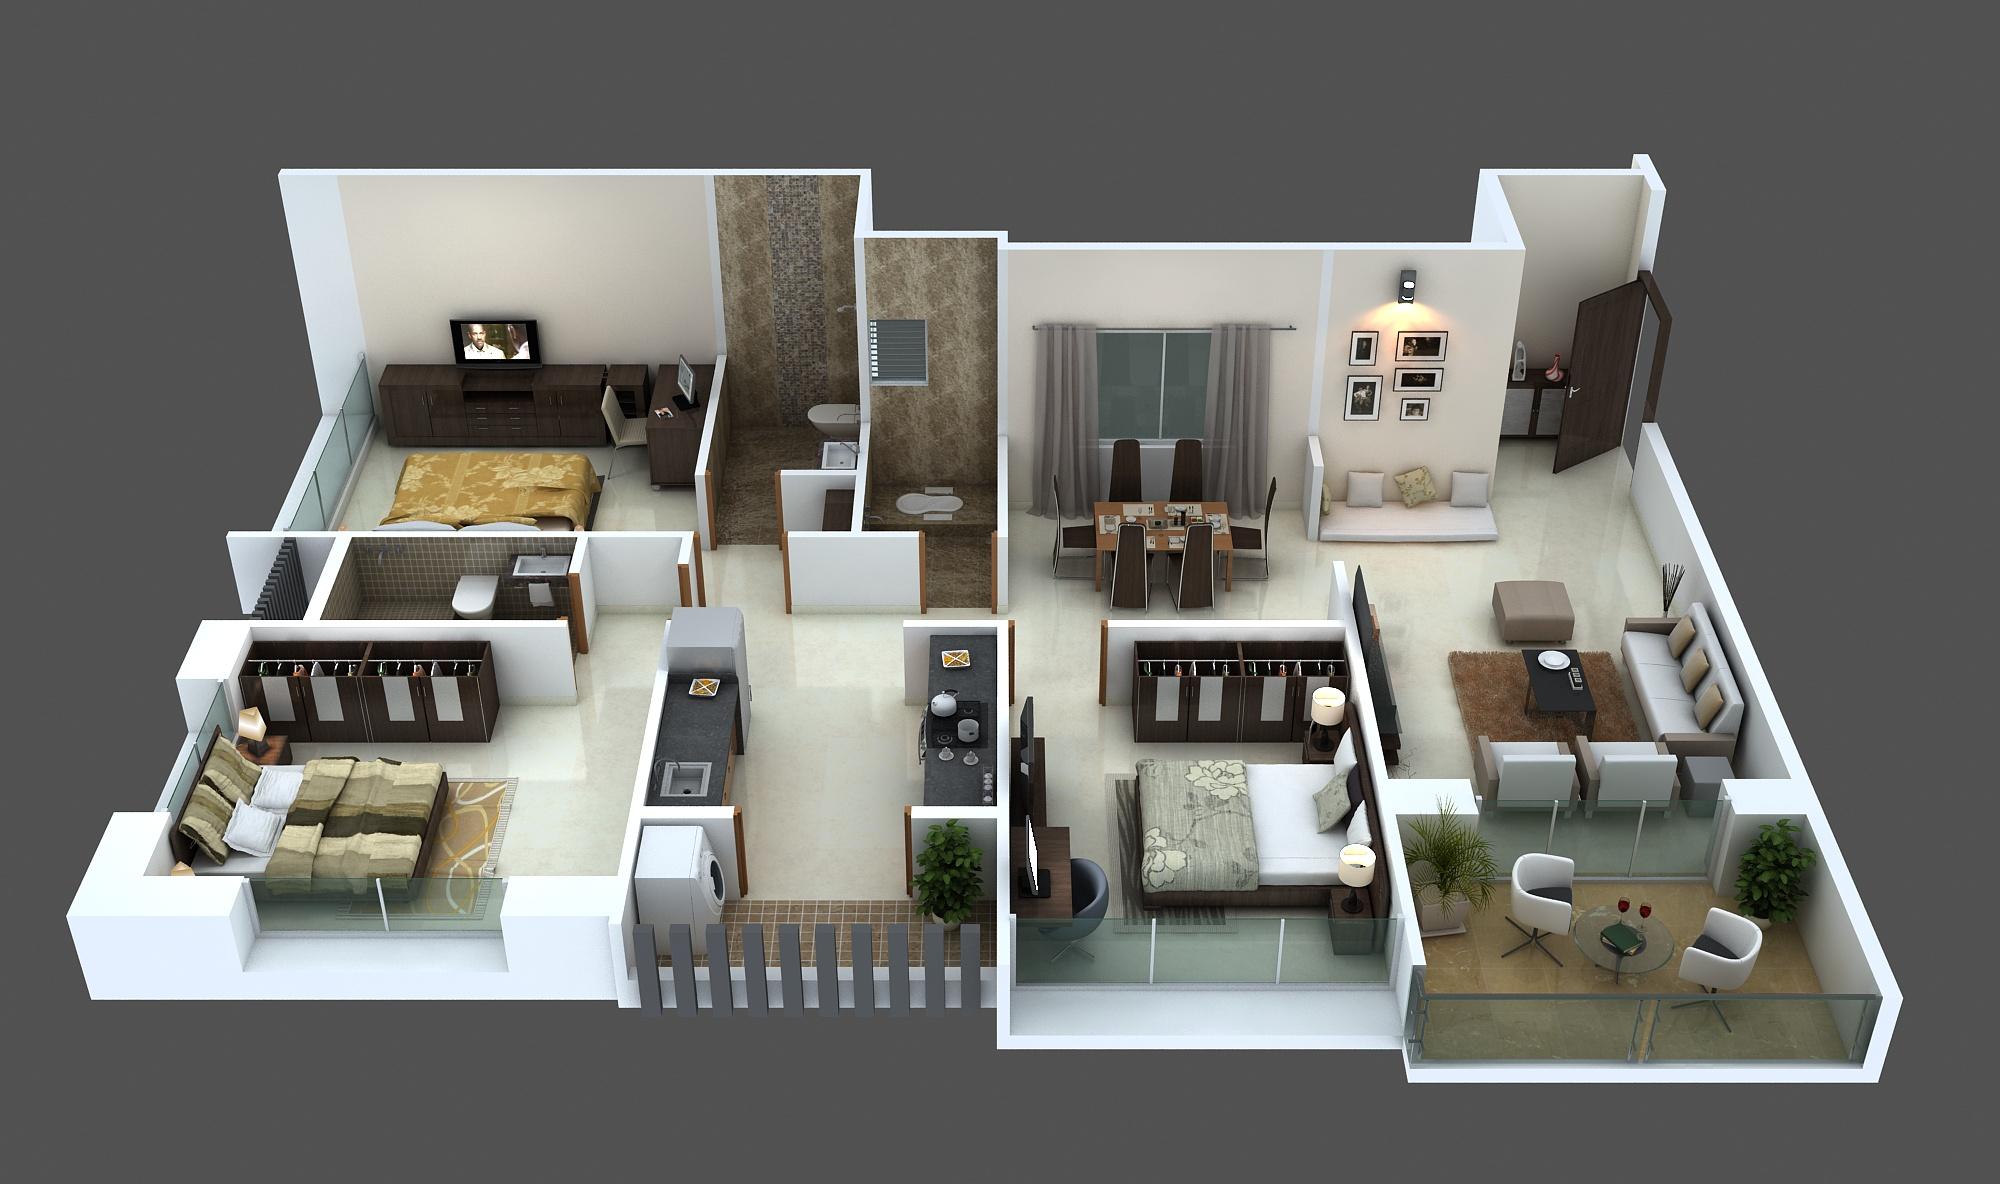 Amodini Apartment 3BHK Premium image.